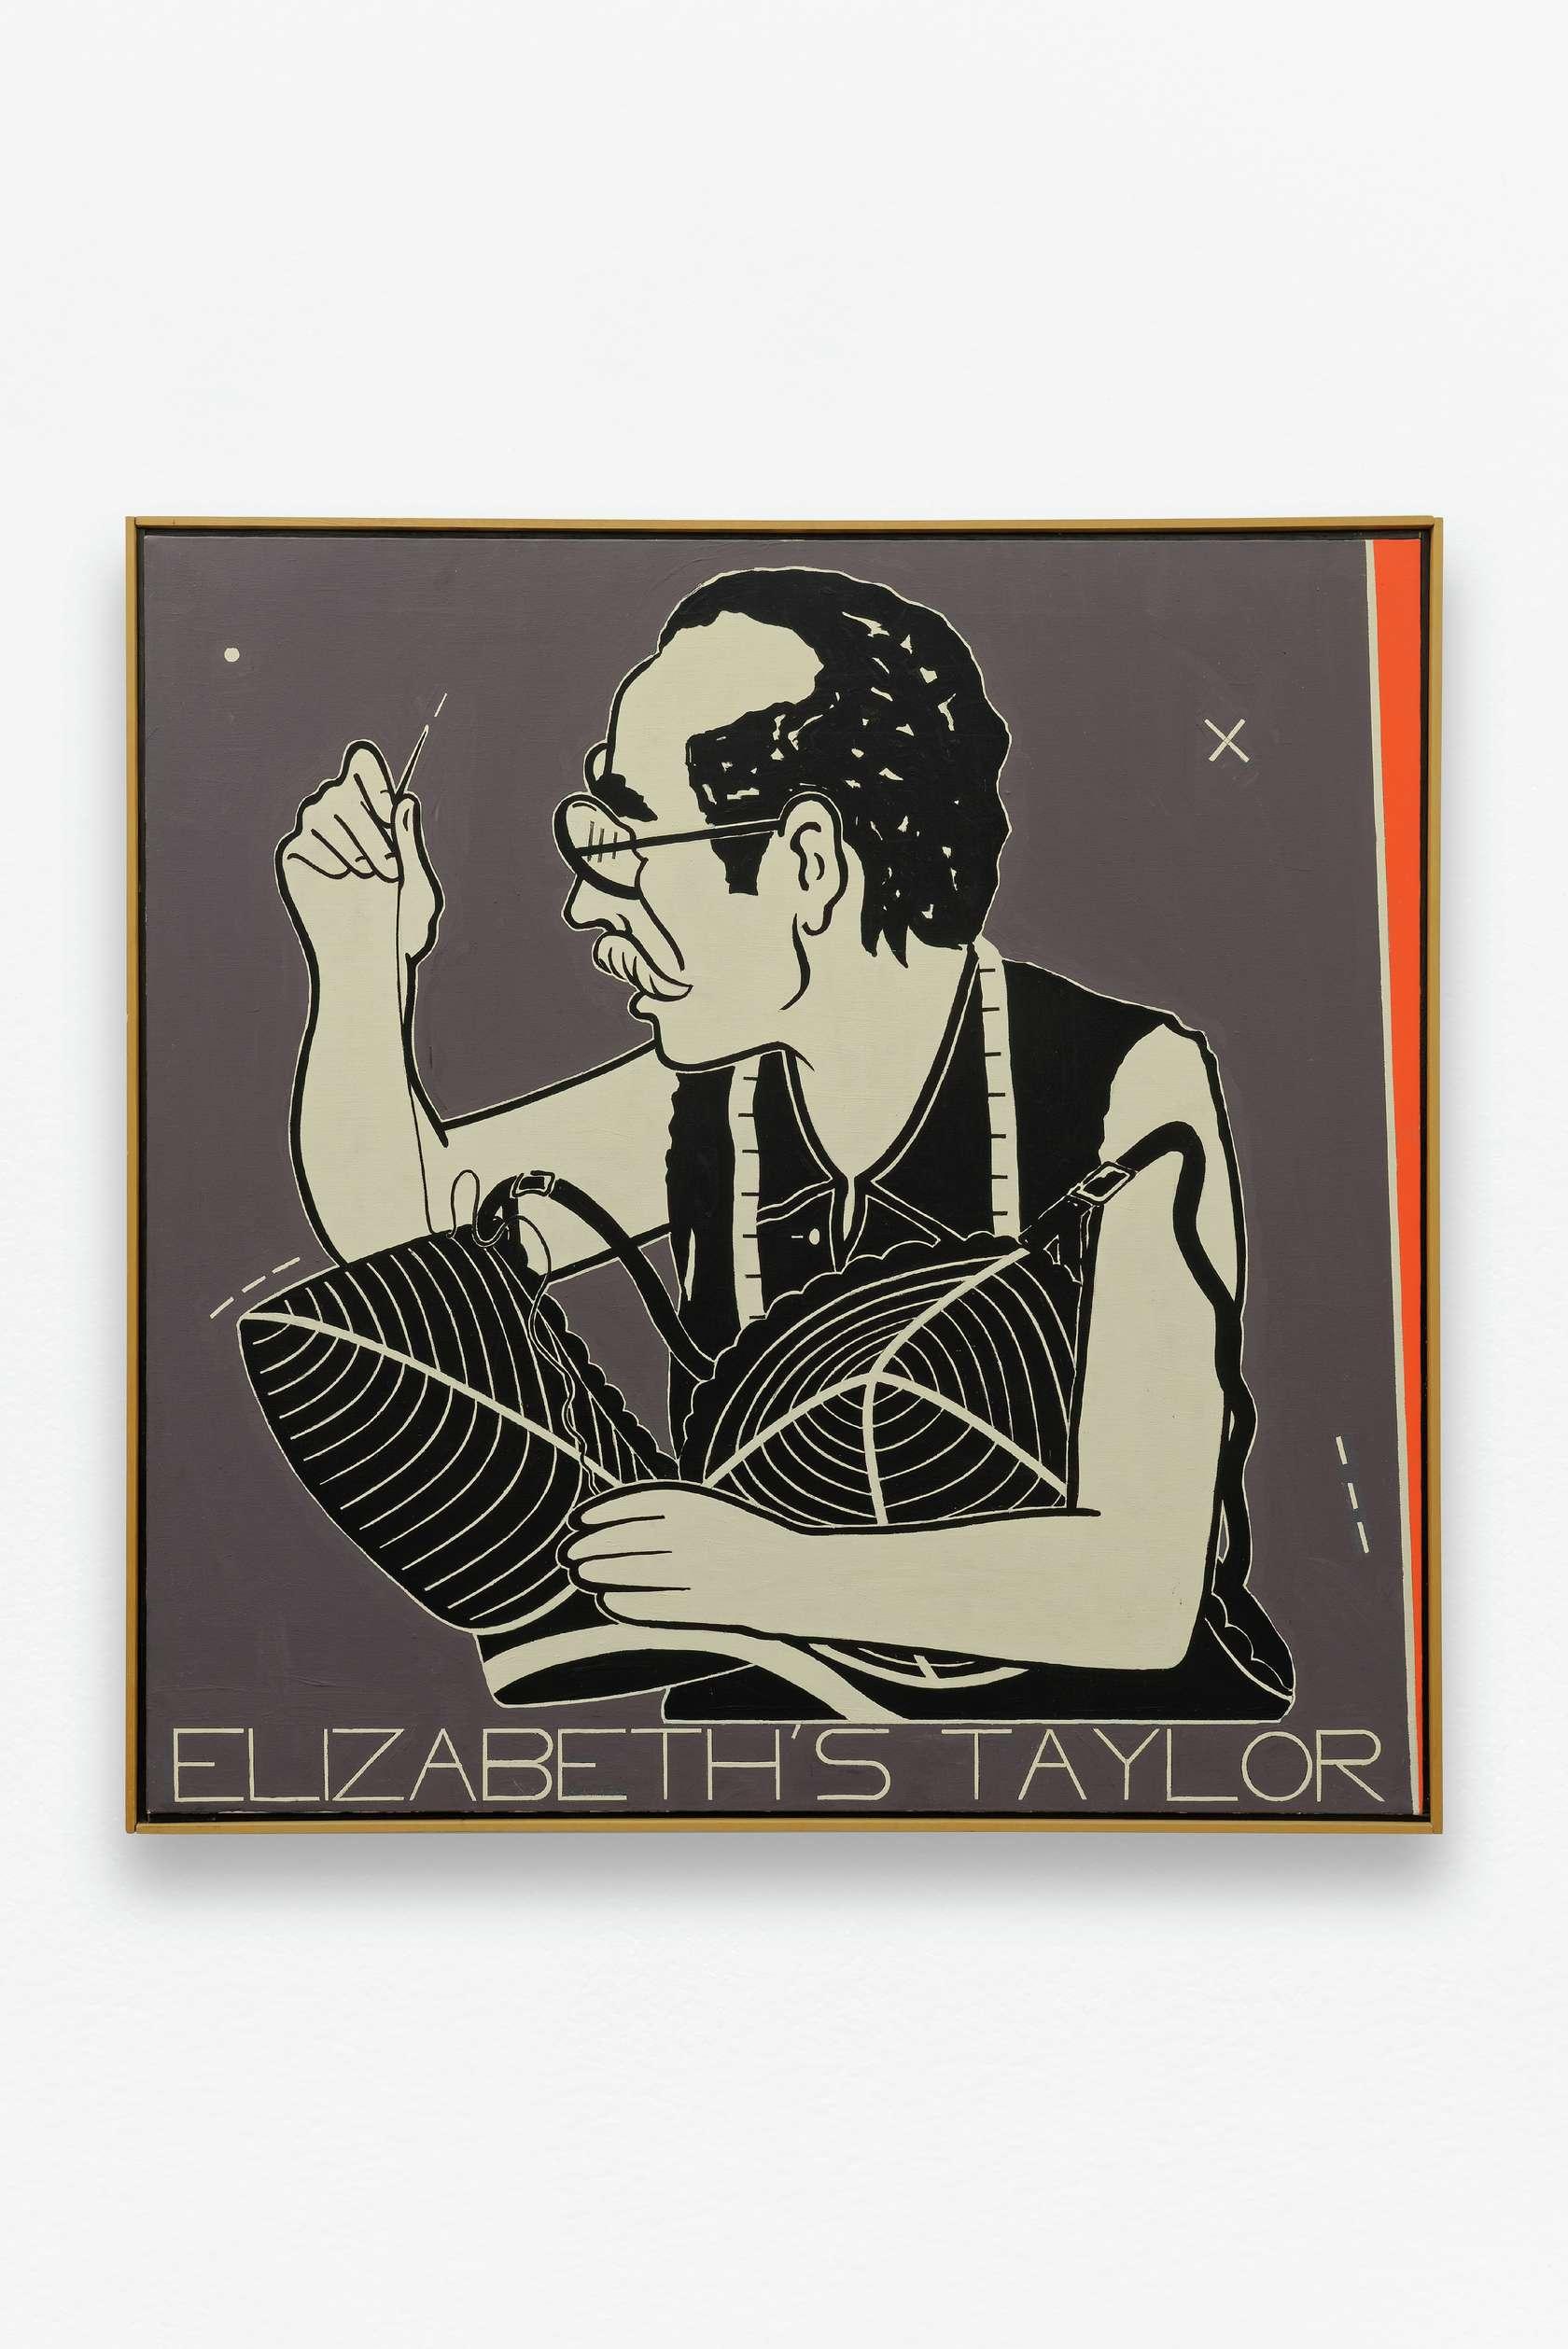 Steve Gianakos, Elizabeth's Taylor, 1985 Huile sur toile91.4 x 91.4 cm / 36  x 36  inches